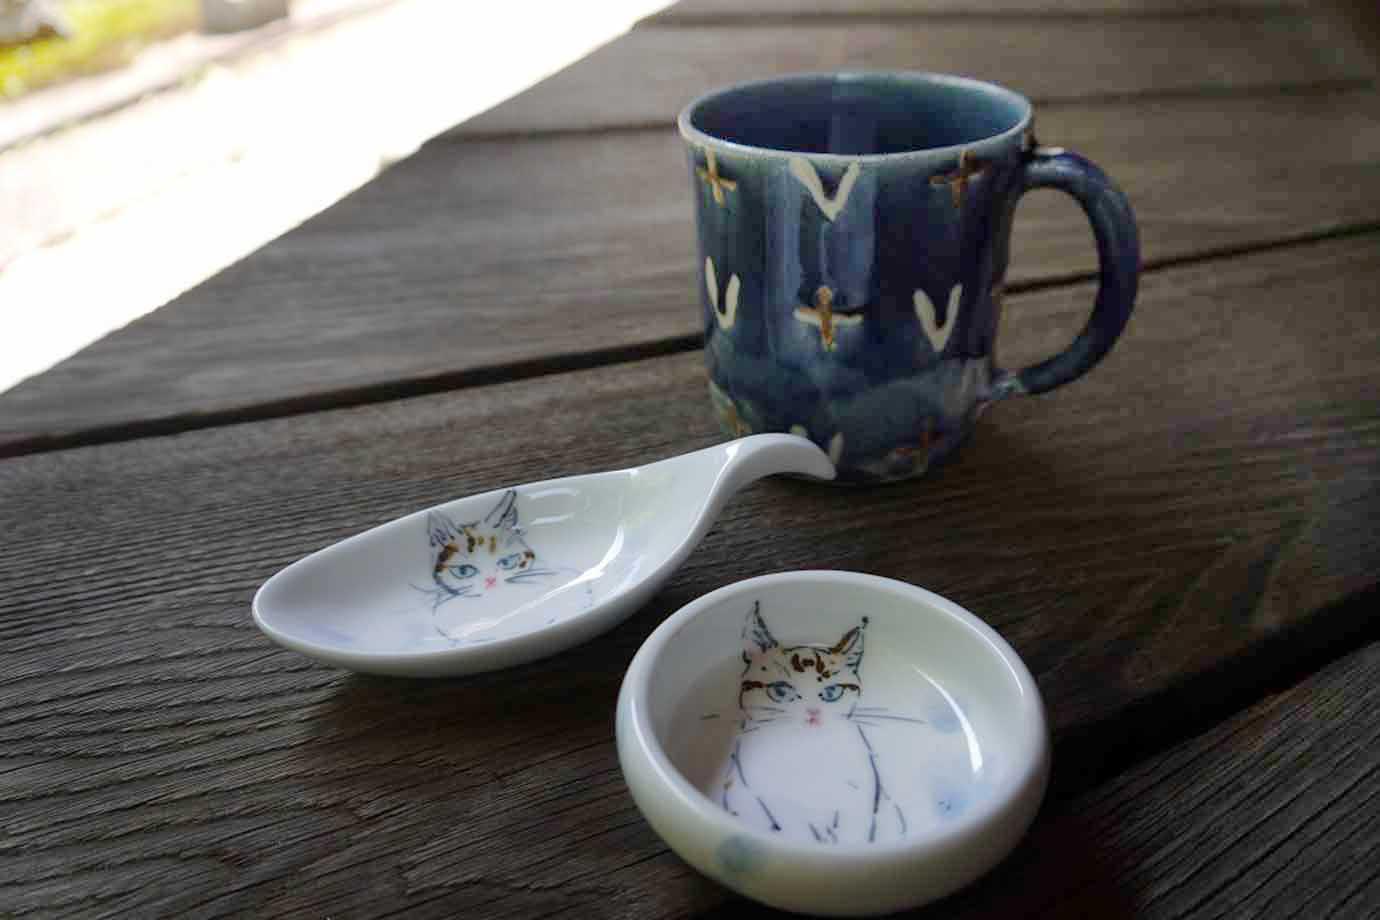 多治見と言えば、奈良時代から1300年の歴史を誇る「美濃焼」。世界トップクラスの陶磁器の祭典として知られる「国際陶磁器フェスティバル美濃」でも有名です